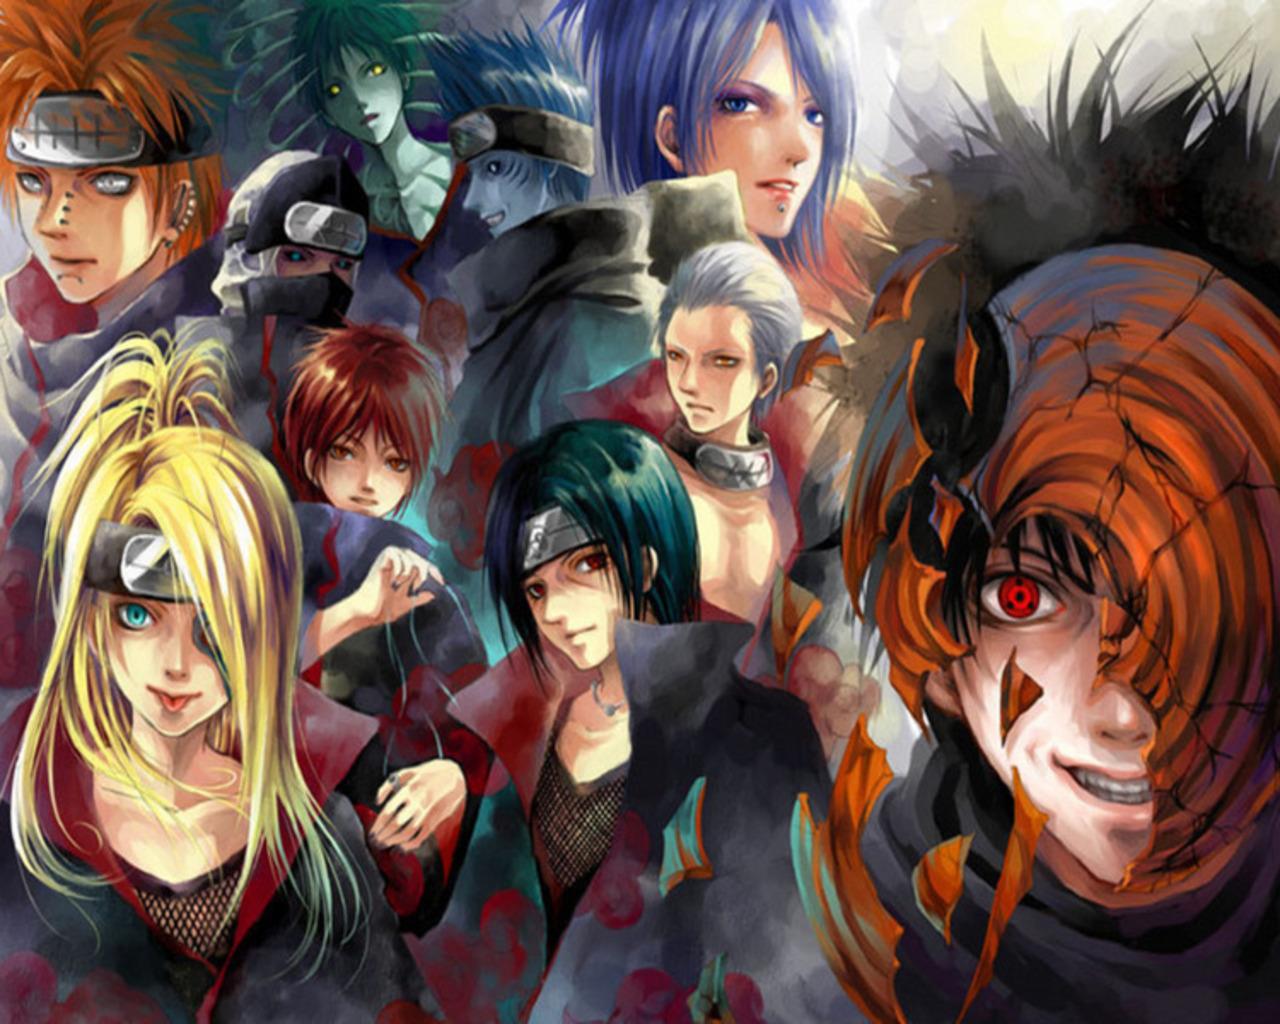 Akatsuki (NARUTO) Wallpaper #366135 - Zerochan Anime Image ...